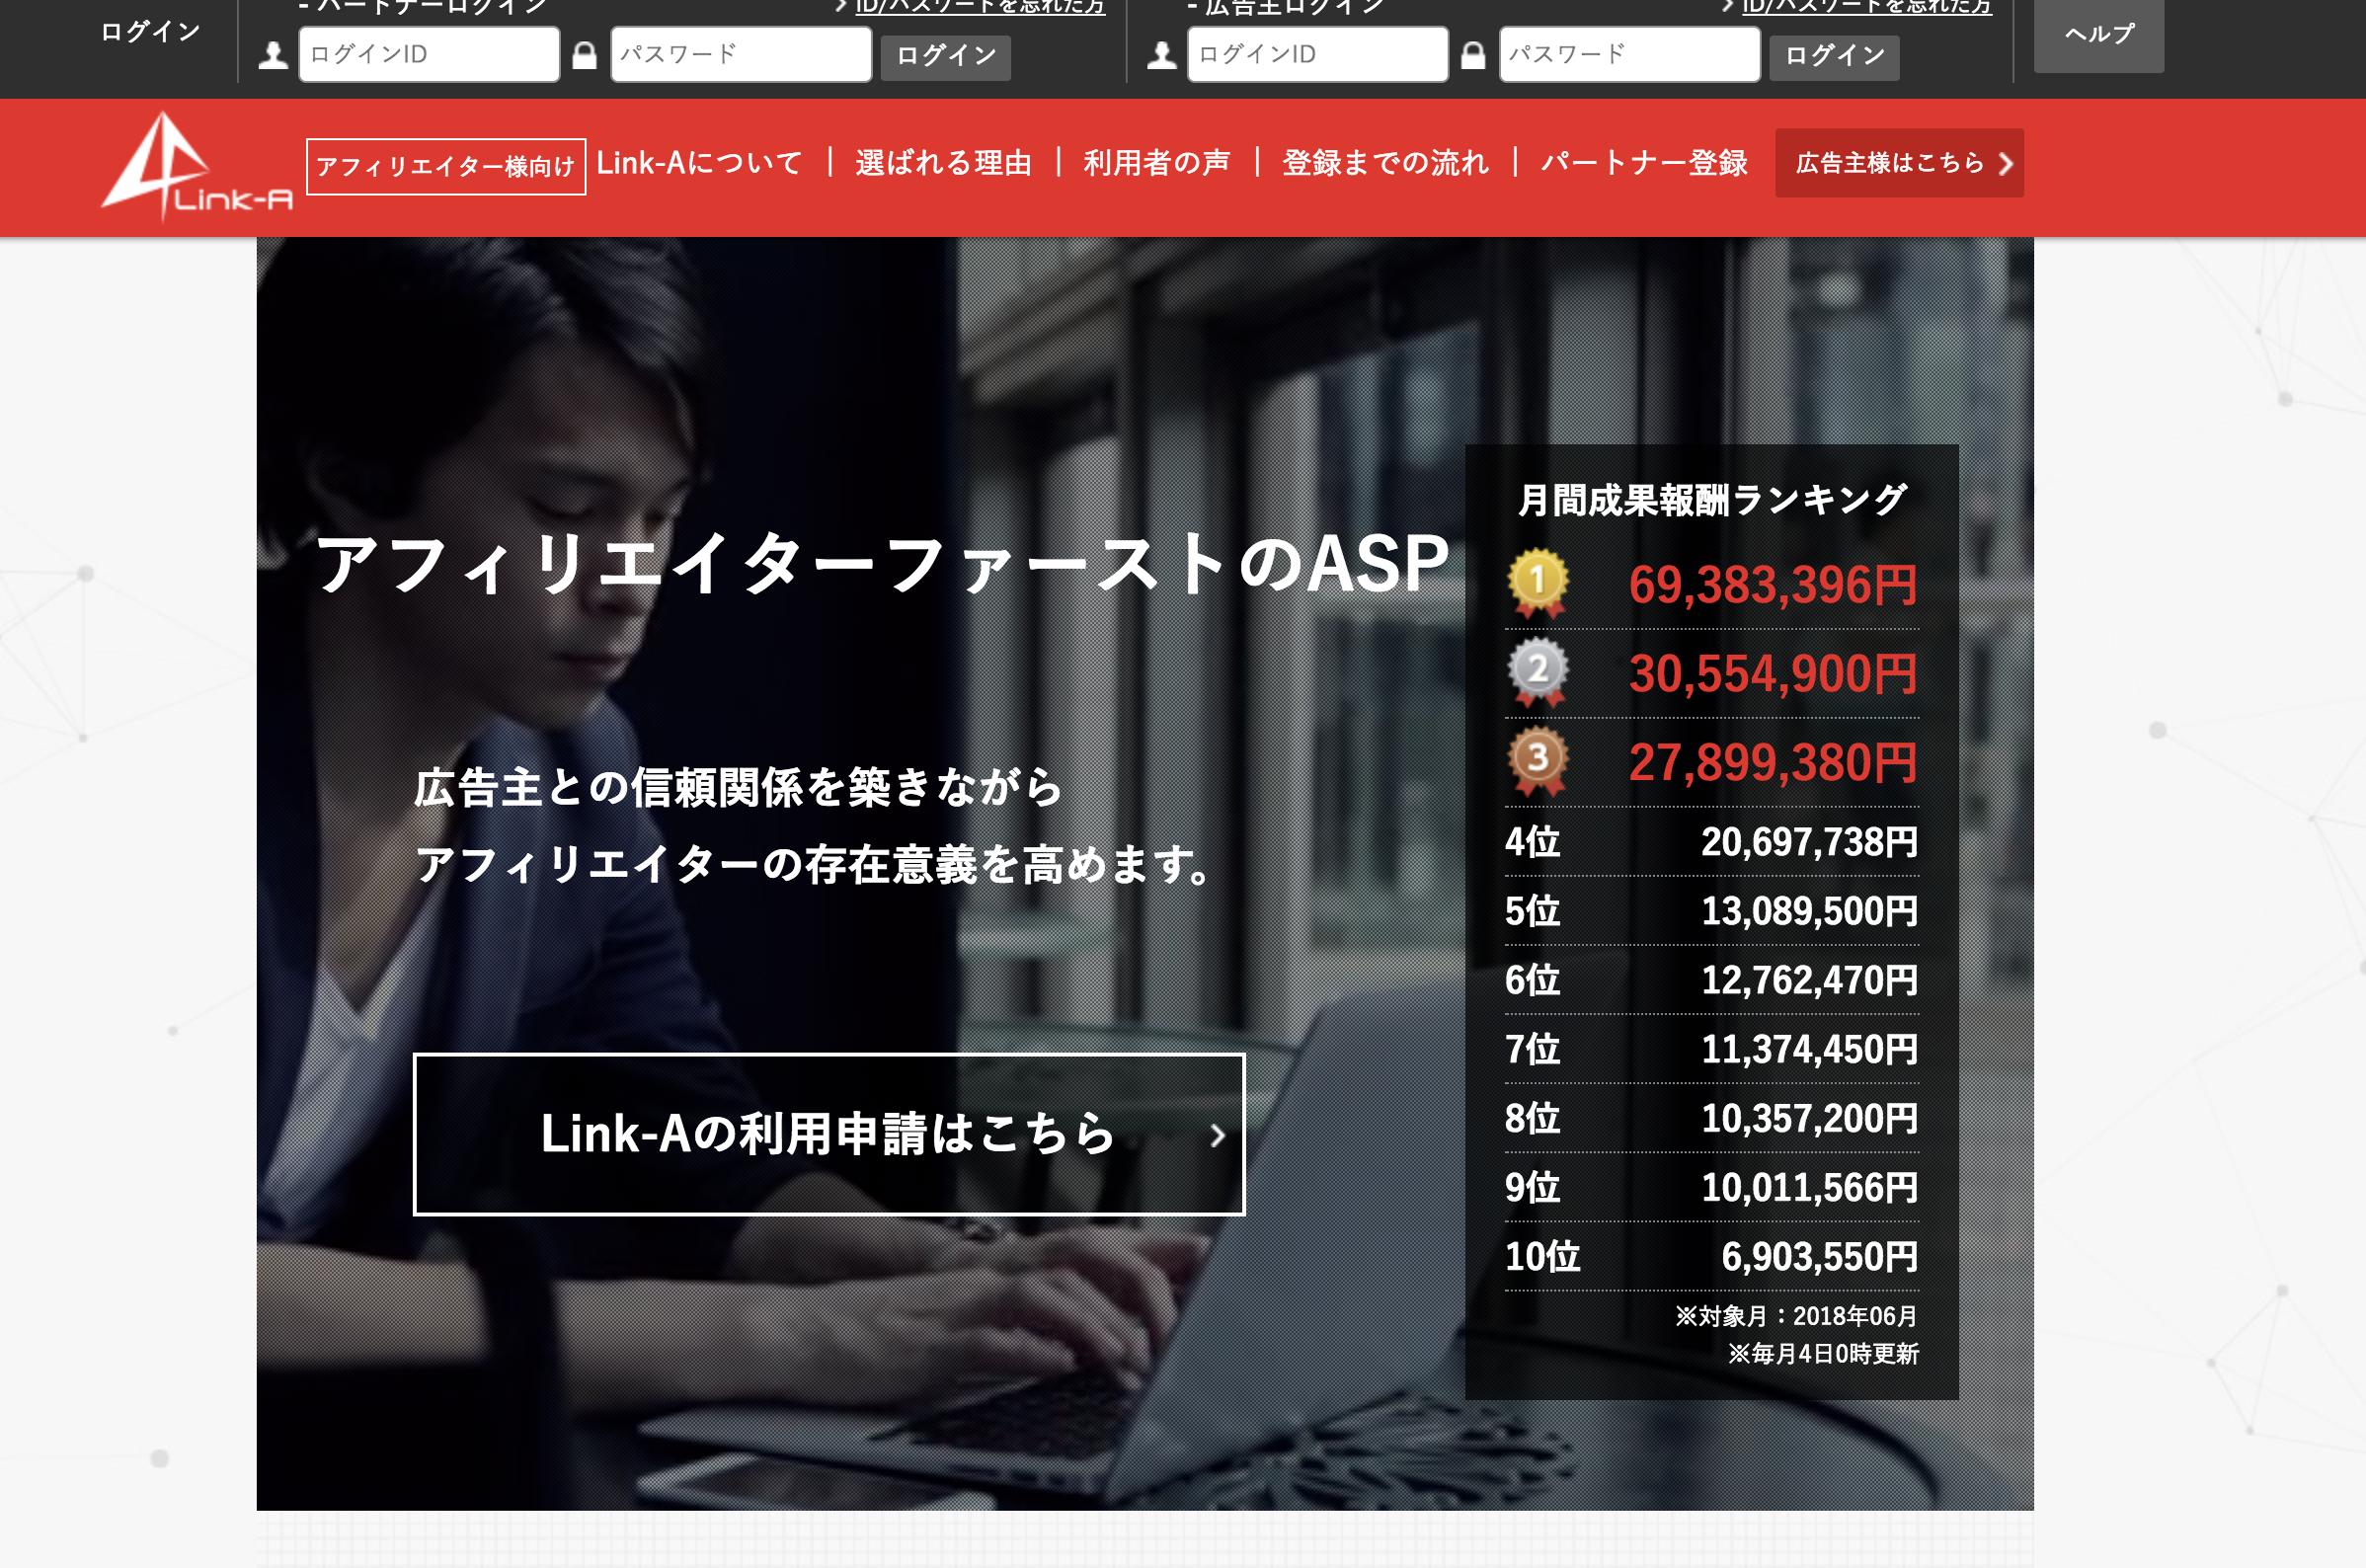 アフィリエイト 初心者 オススメASP Link-A(リンクエー)